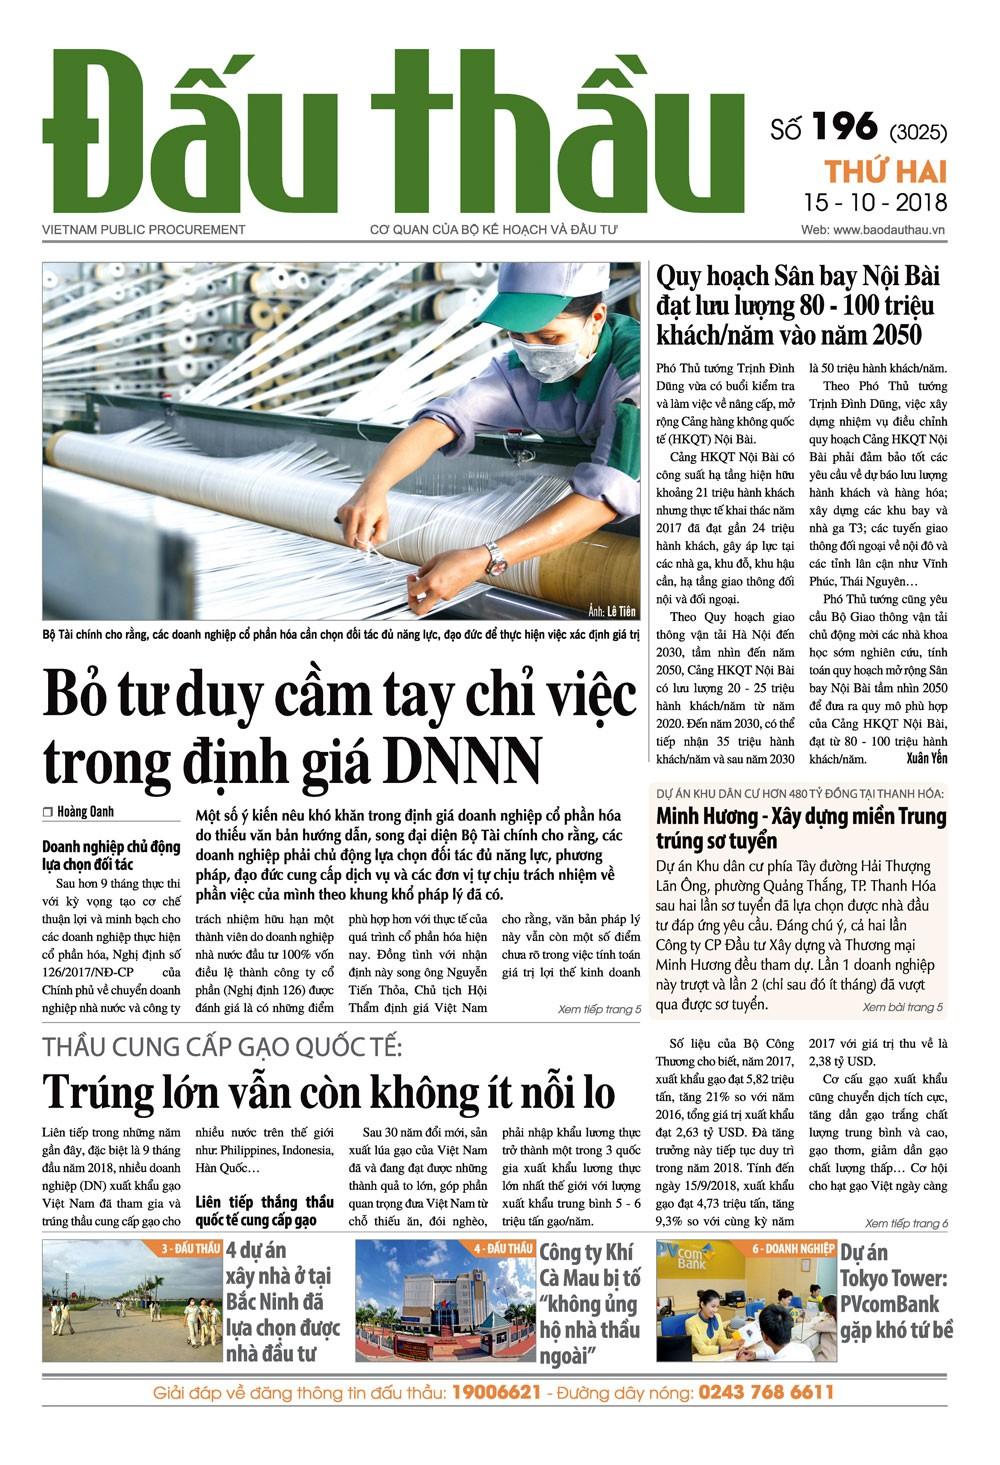 Báo Đấu thầu số 196 ra ngày 15/10/2018